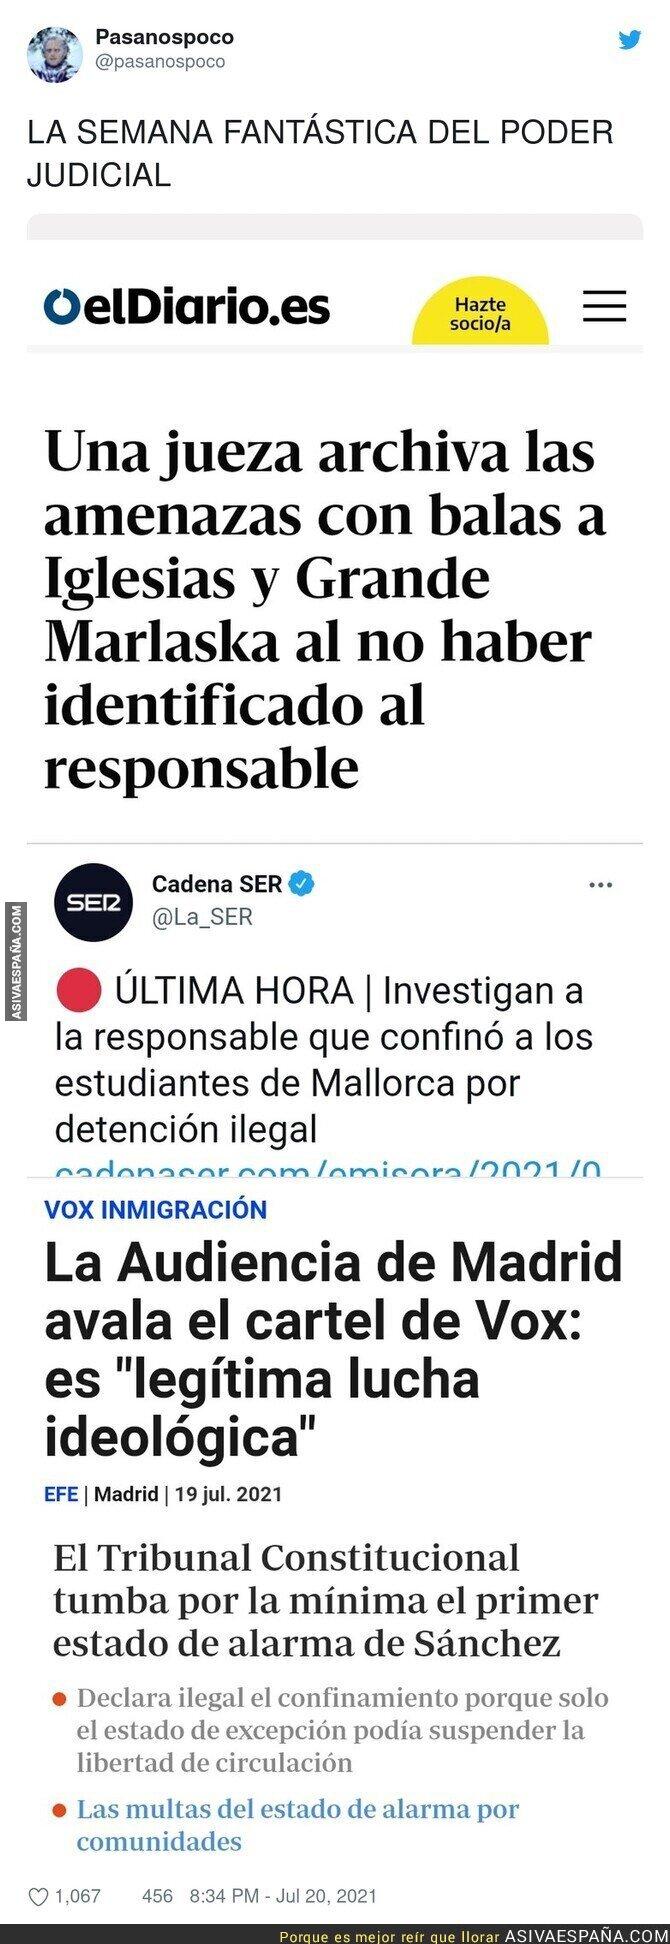 847087 - Menuda justicia hay en España